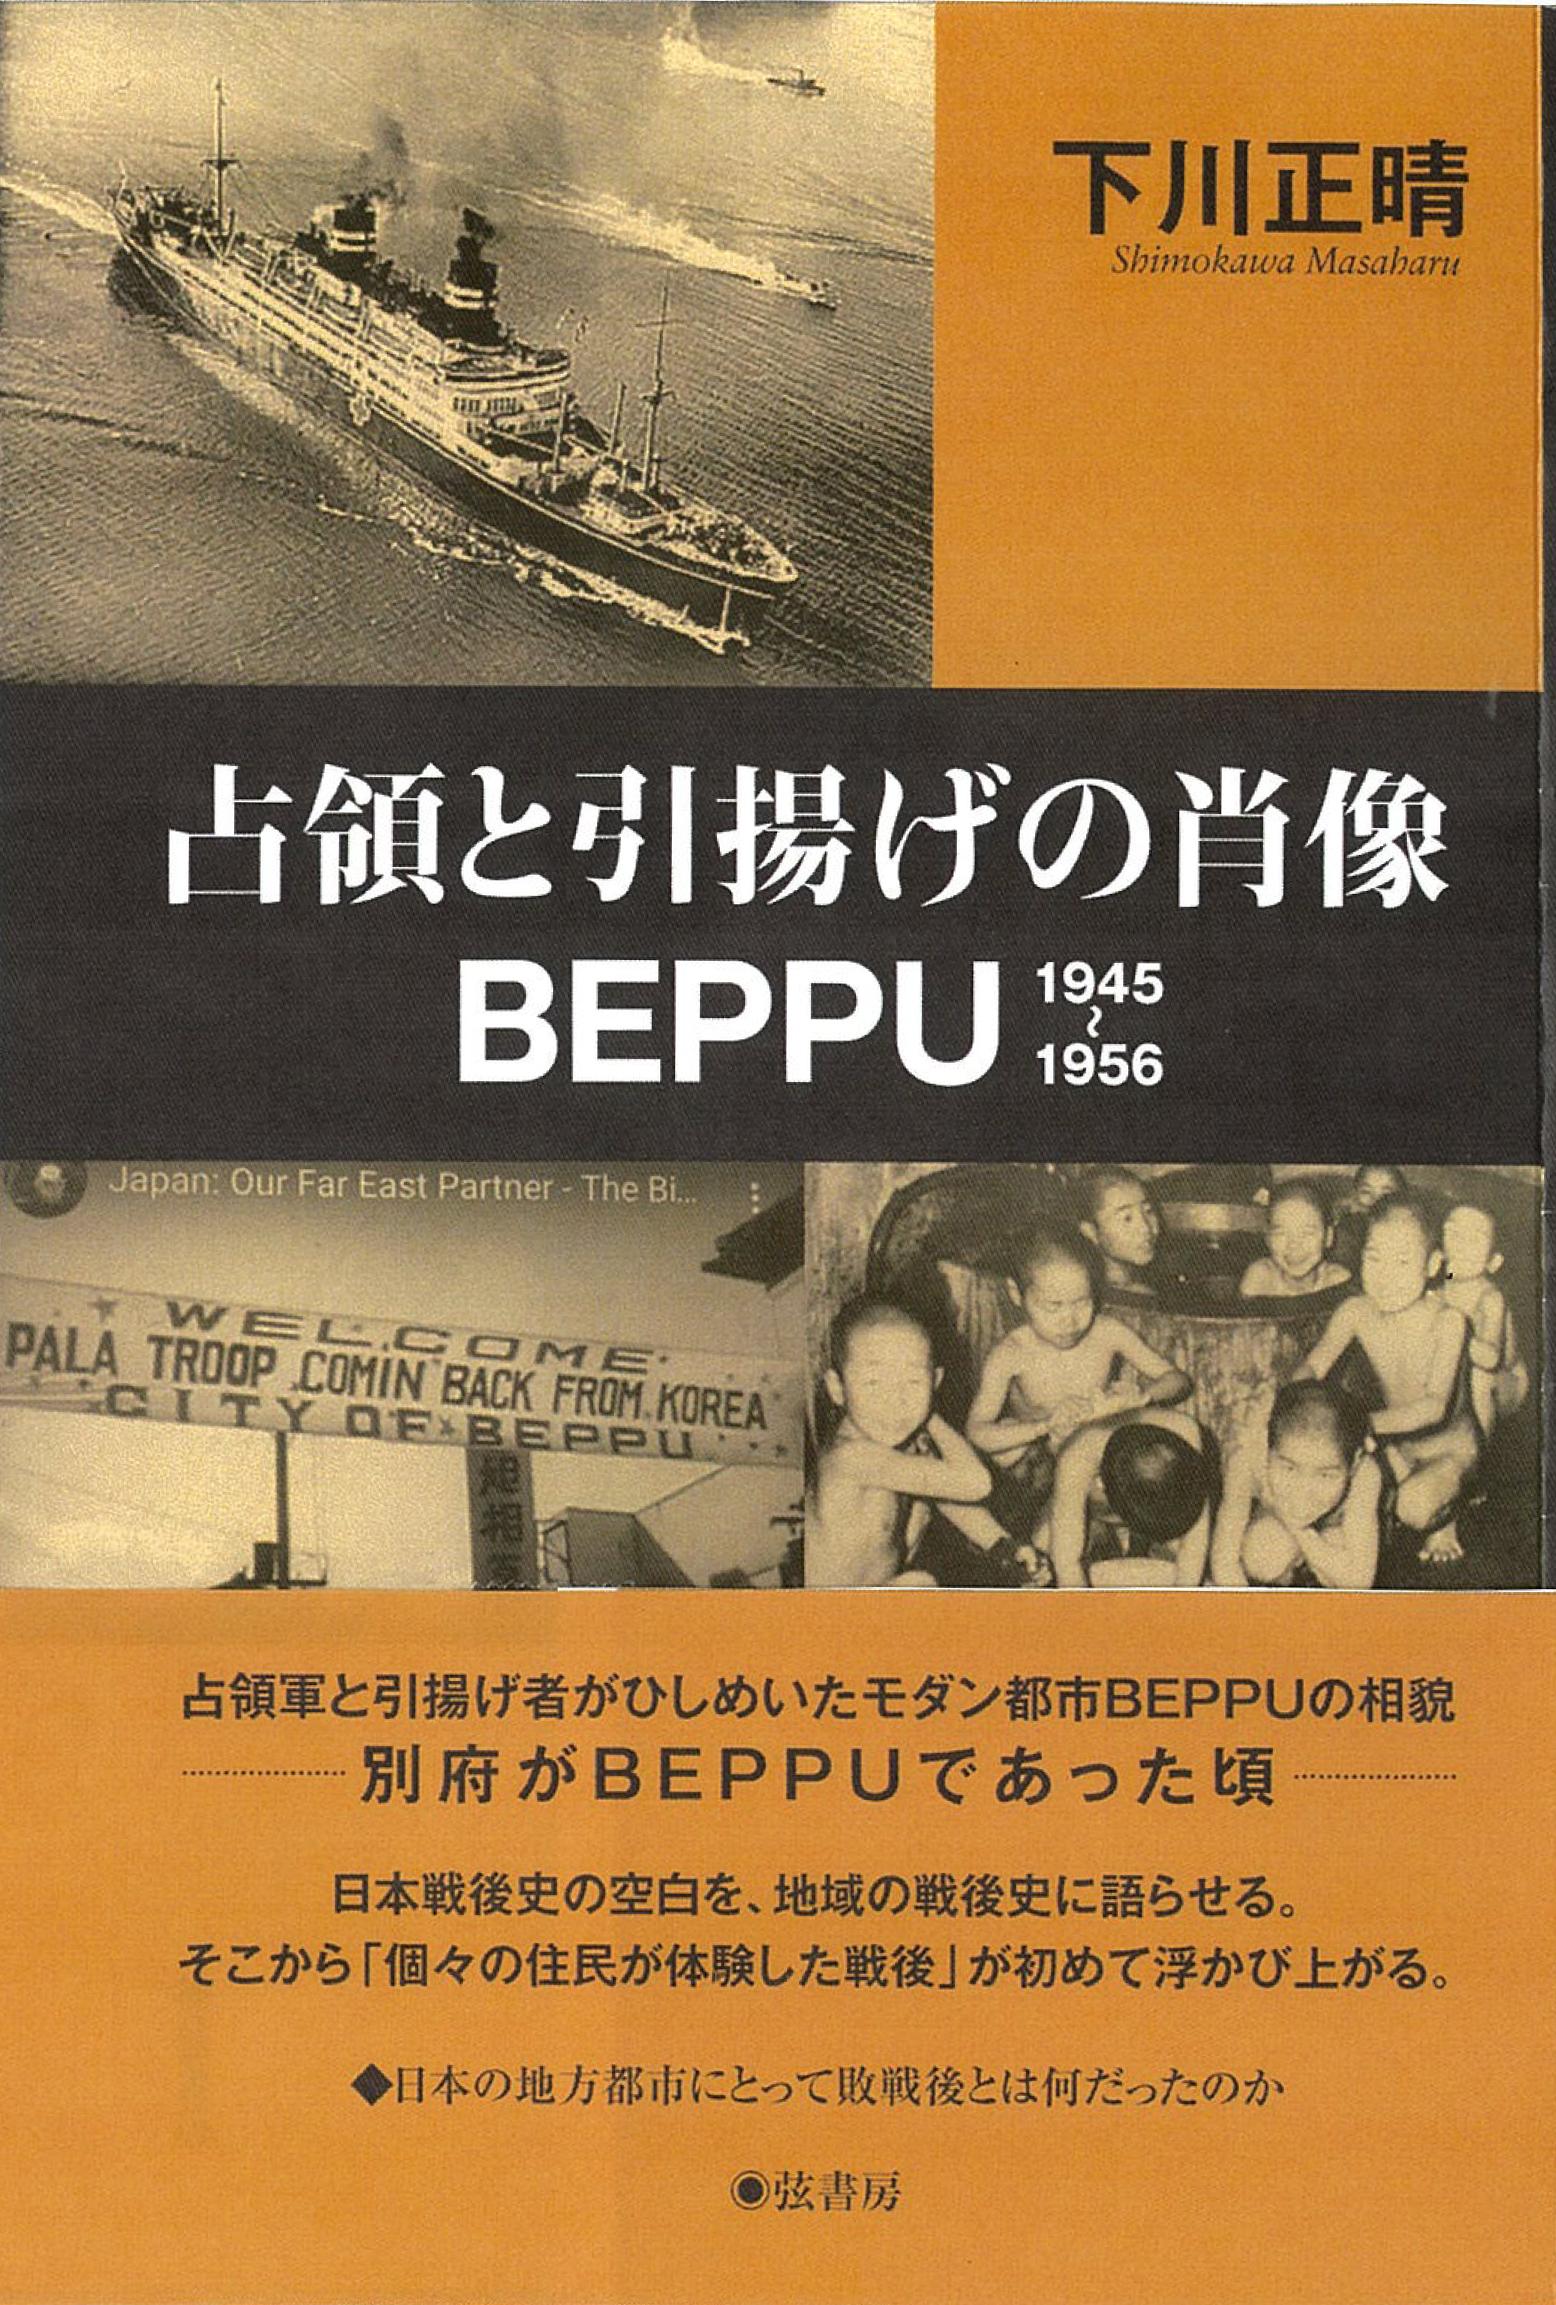 占領と引揚げの肖像BEPPU 1945-1956 | 図書出版 弦書房